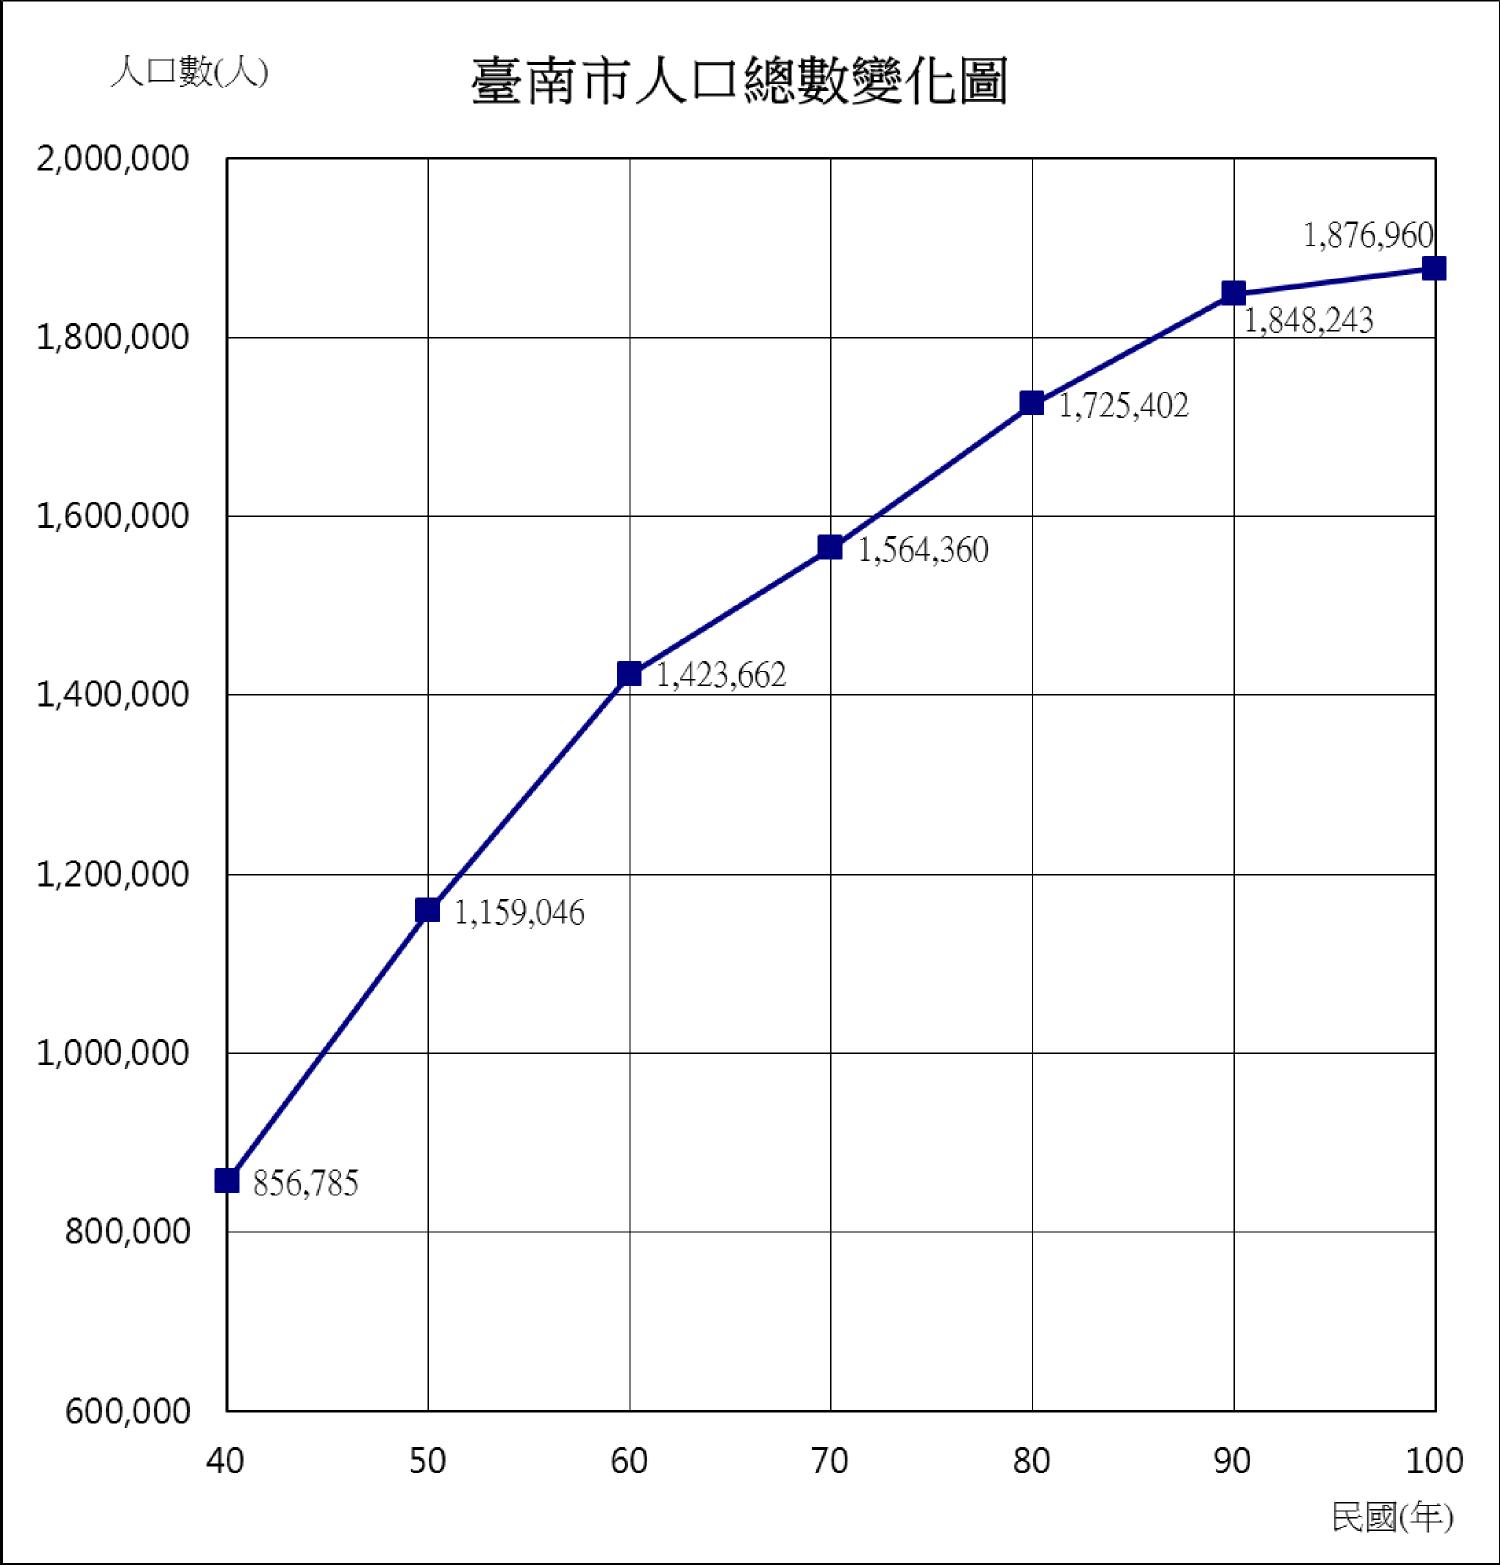 天來的工作坊: [分享]統計圖_臺南市各項人口統計圖